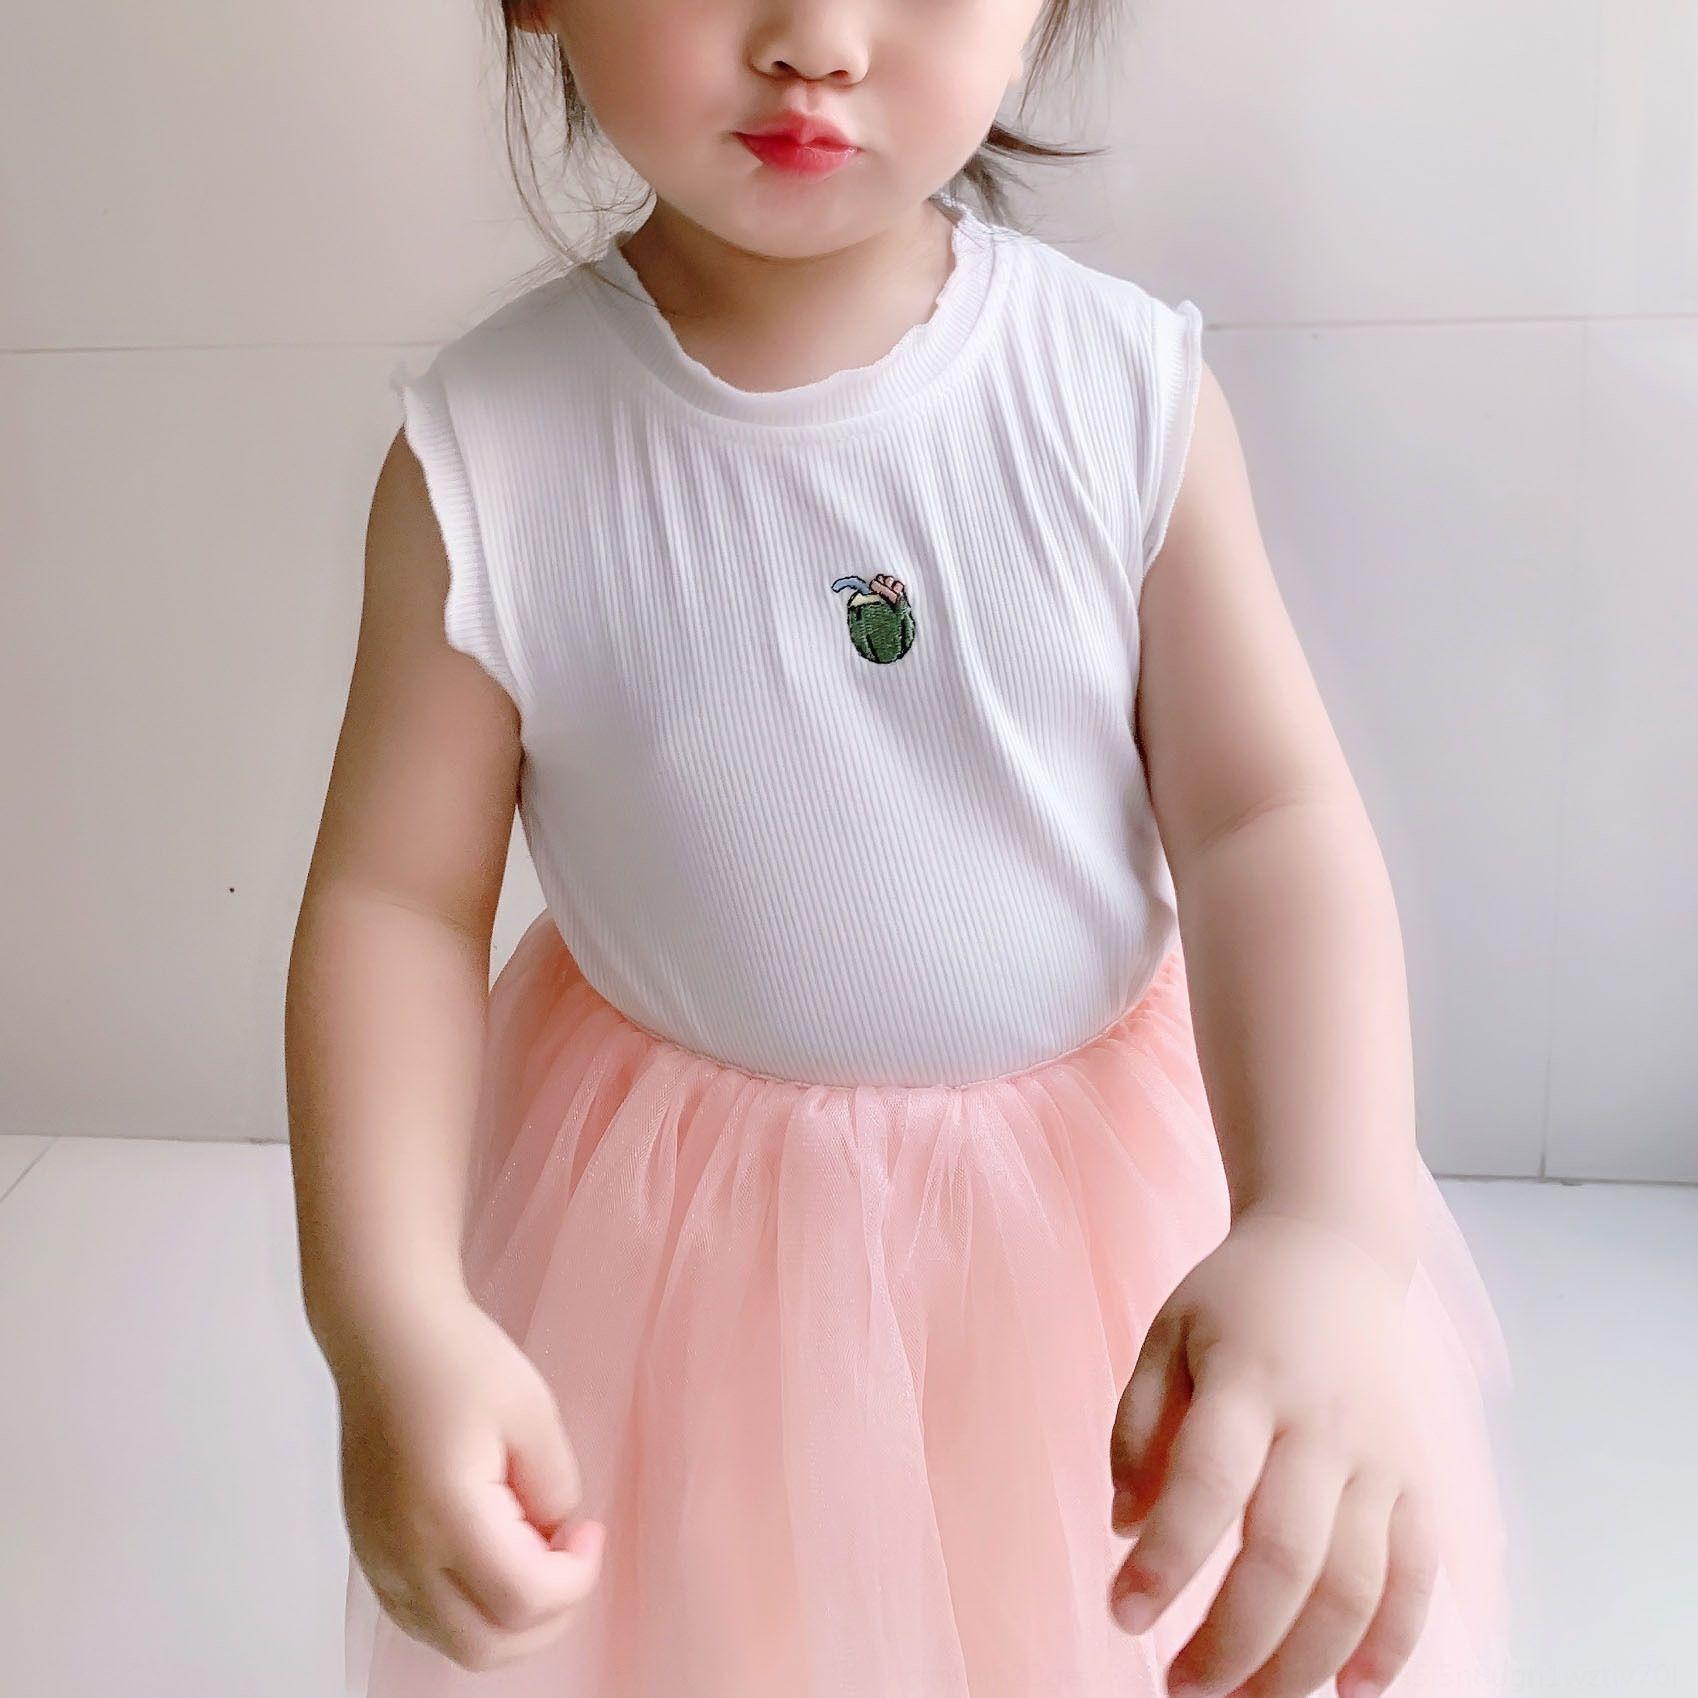 bois oreille pour hommes et vêtements pour femmes d'été 2019 nouveaux enfants brodé veste gilet broderie des rayures de couleurs pures N351